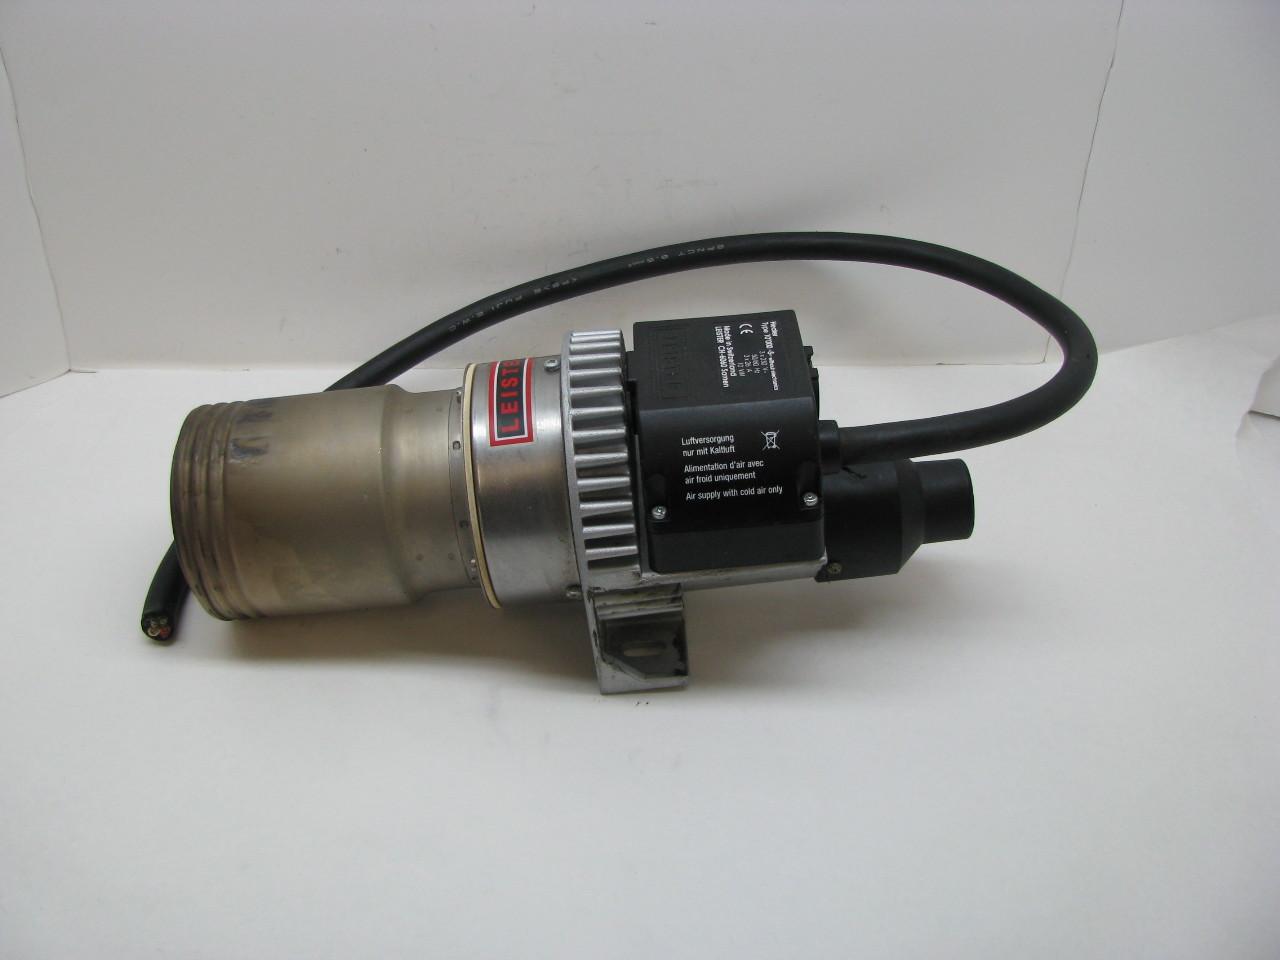 Hot Air Blower Heating : Leister ch sarnen heater type hot air blower ebay